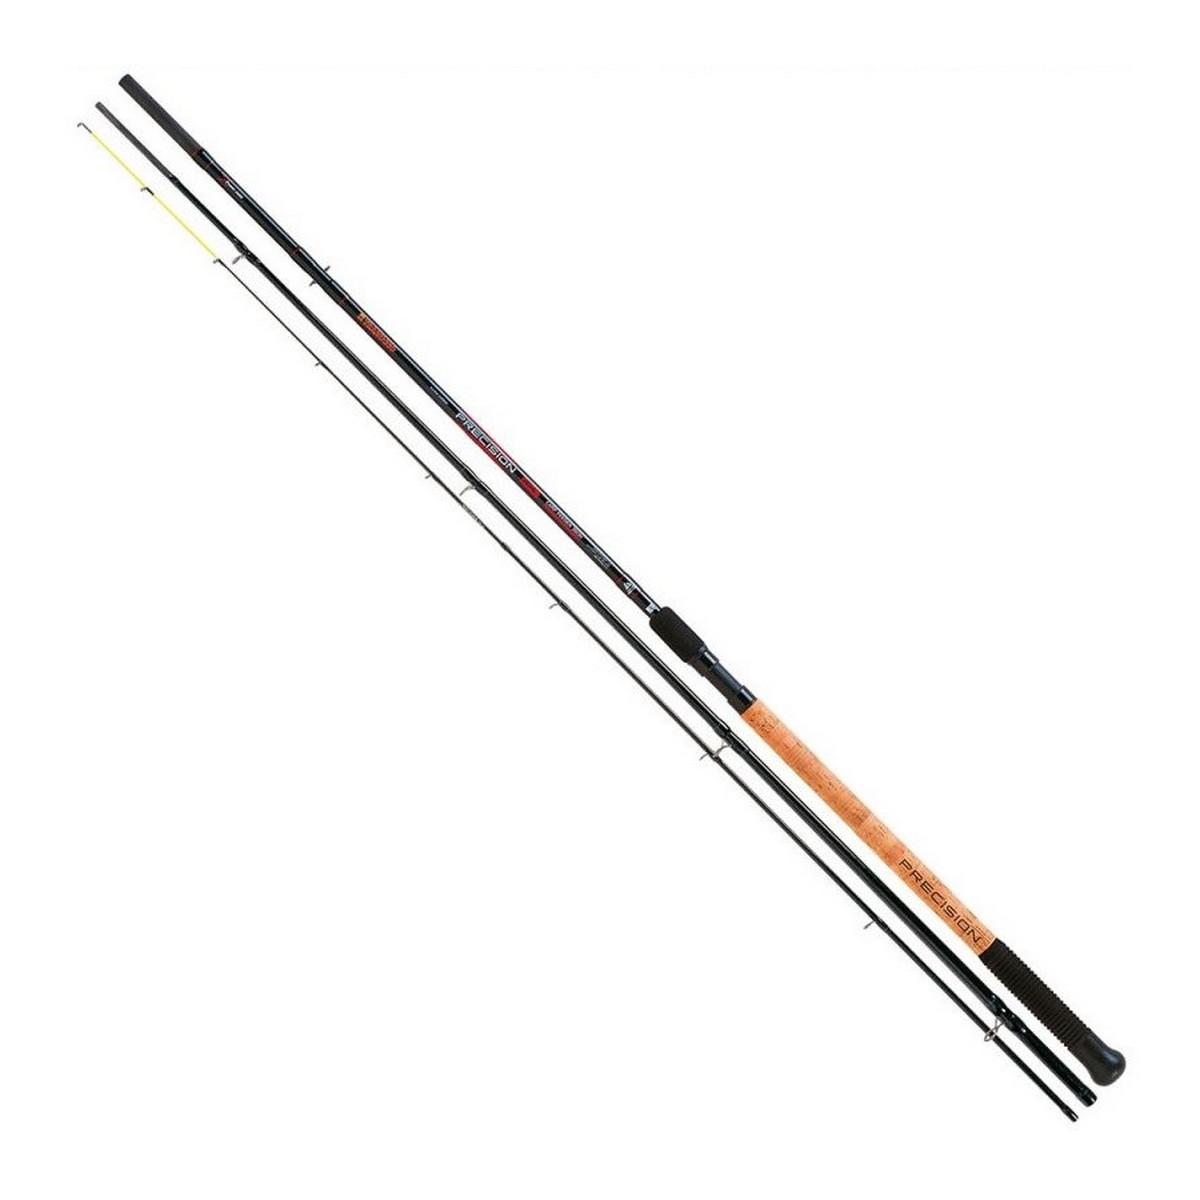 Фидер Trabucco Precision RPL Carp Feeder H 120гр.